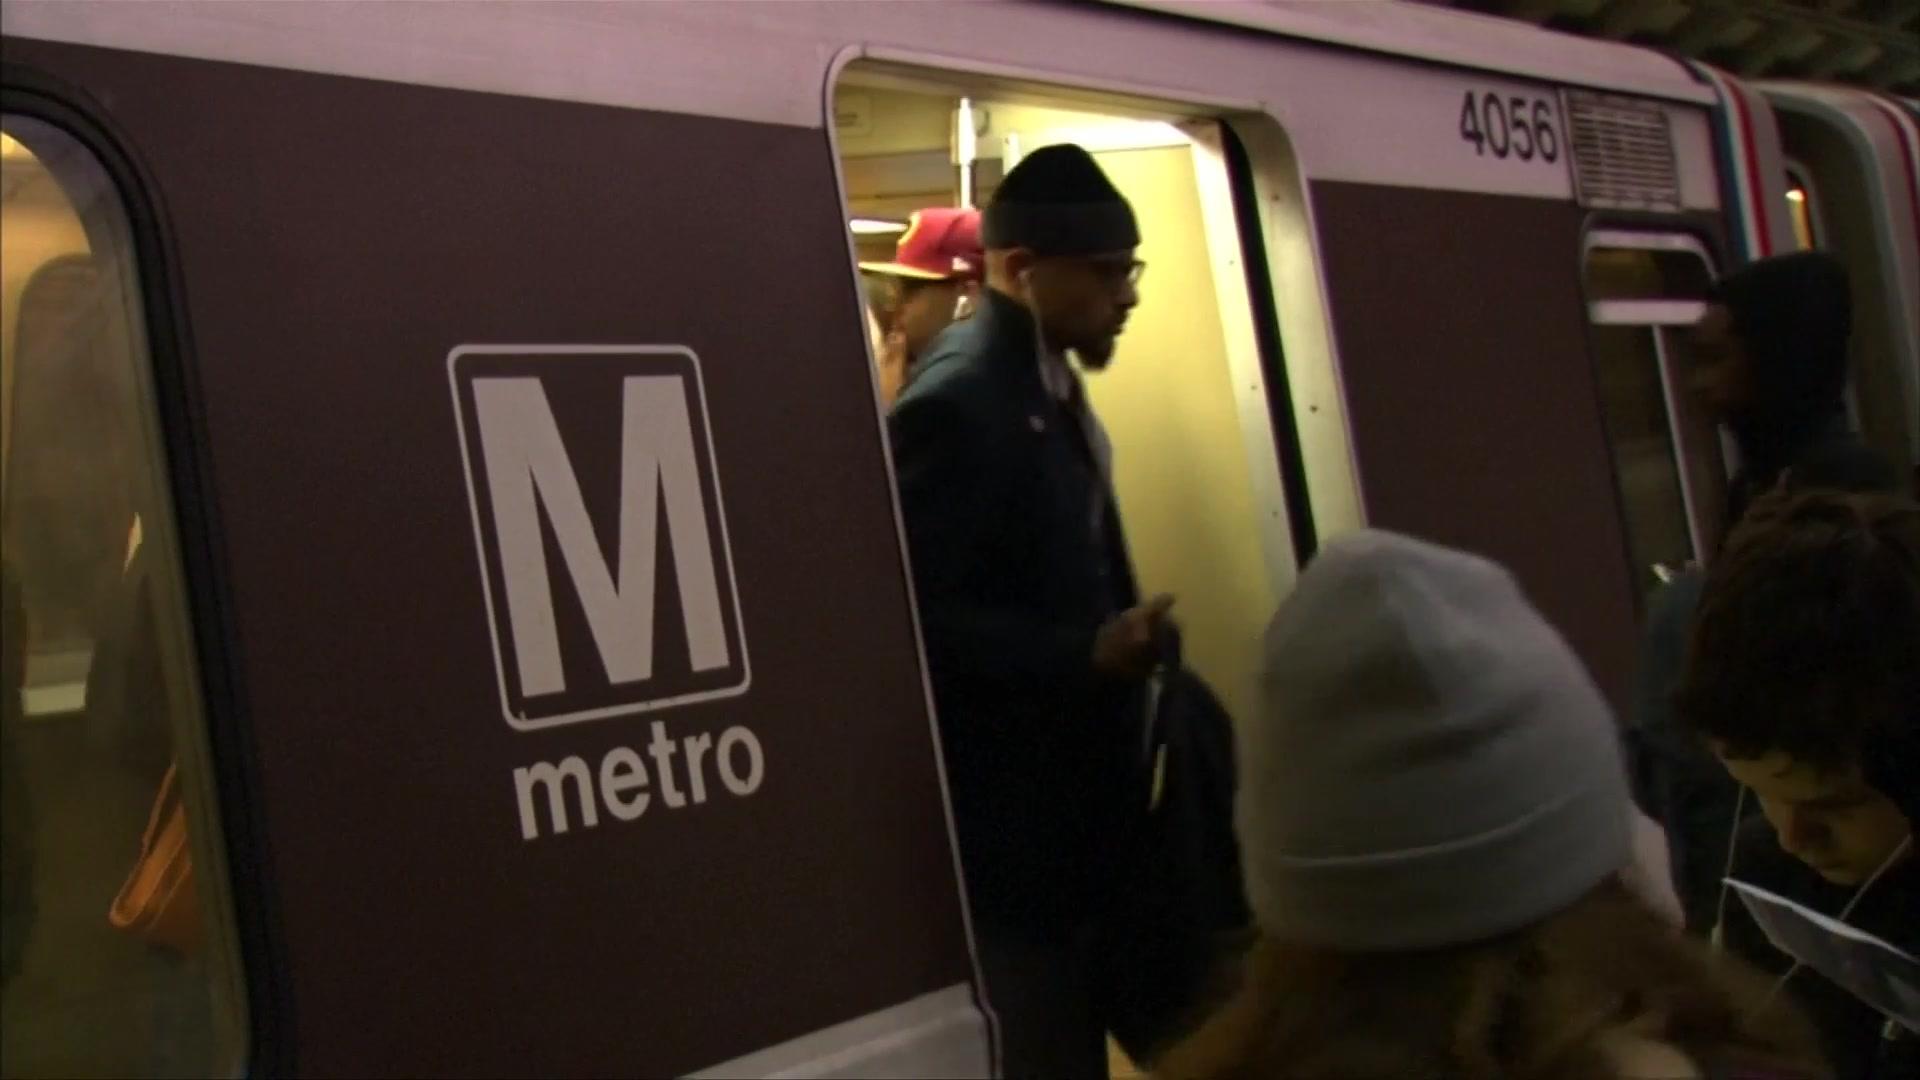 Washington Metro to Shut Down Wednesday for Safety Checks